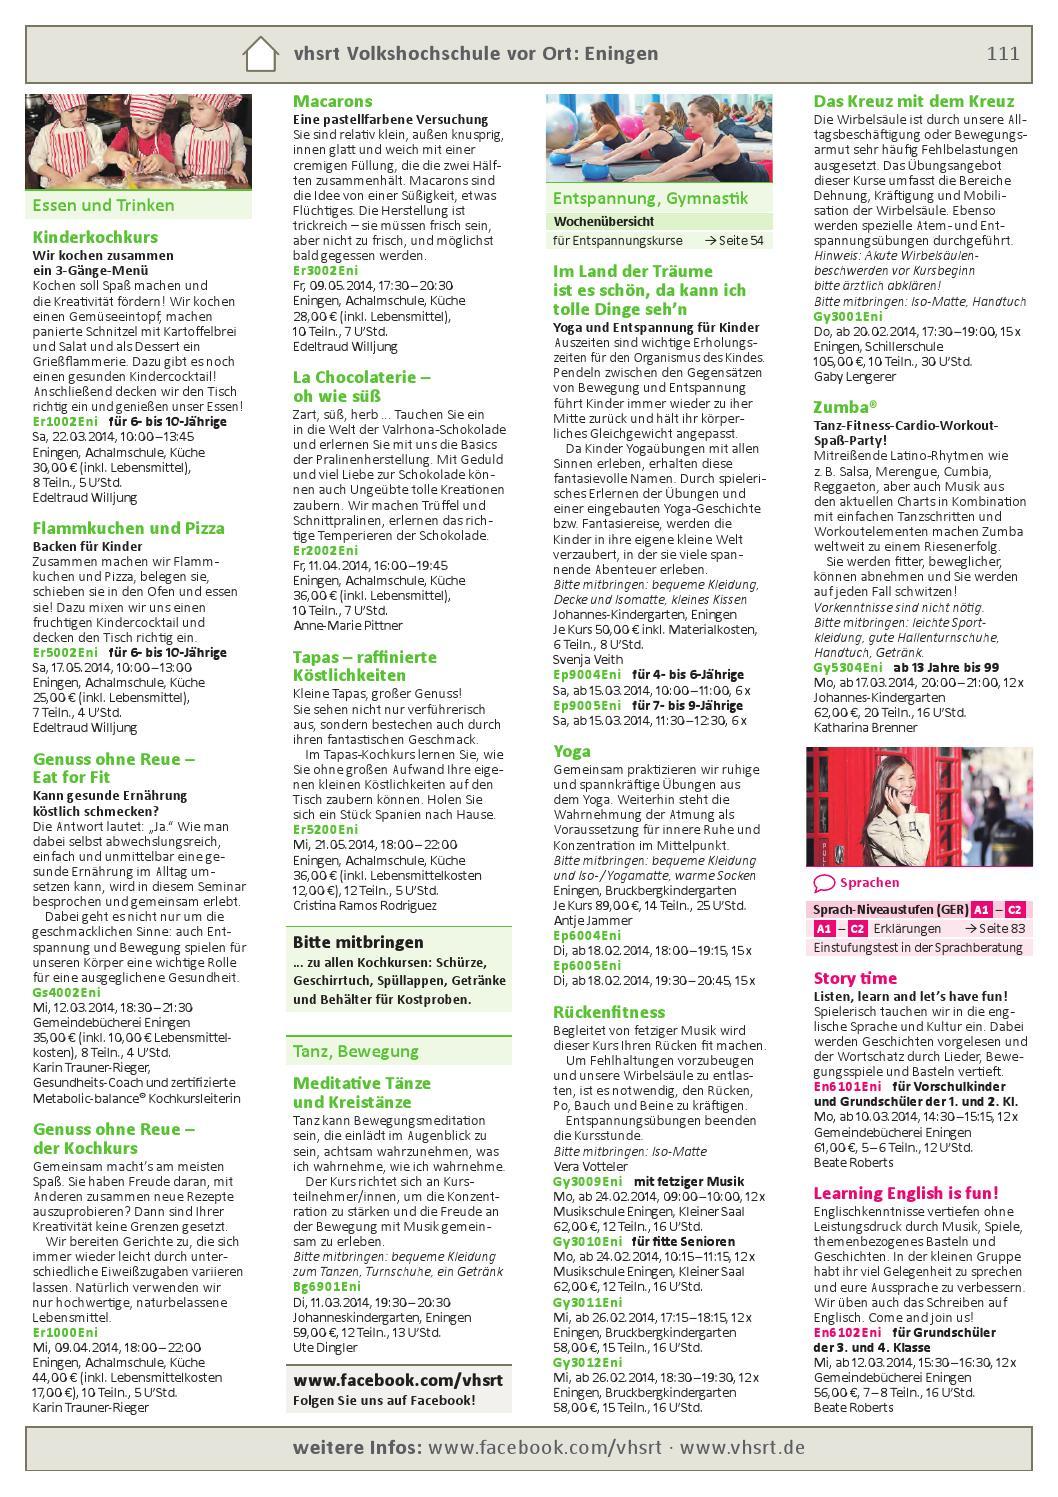 Programm Frühjahr/Sommer 2014 by Volkshochschule Reutlingen - issuu